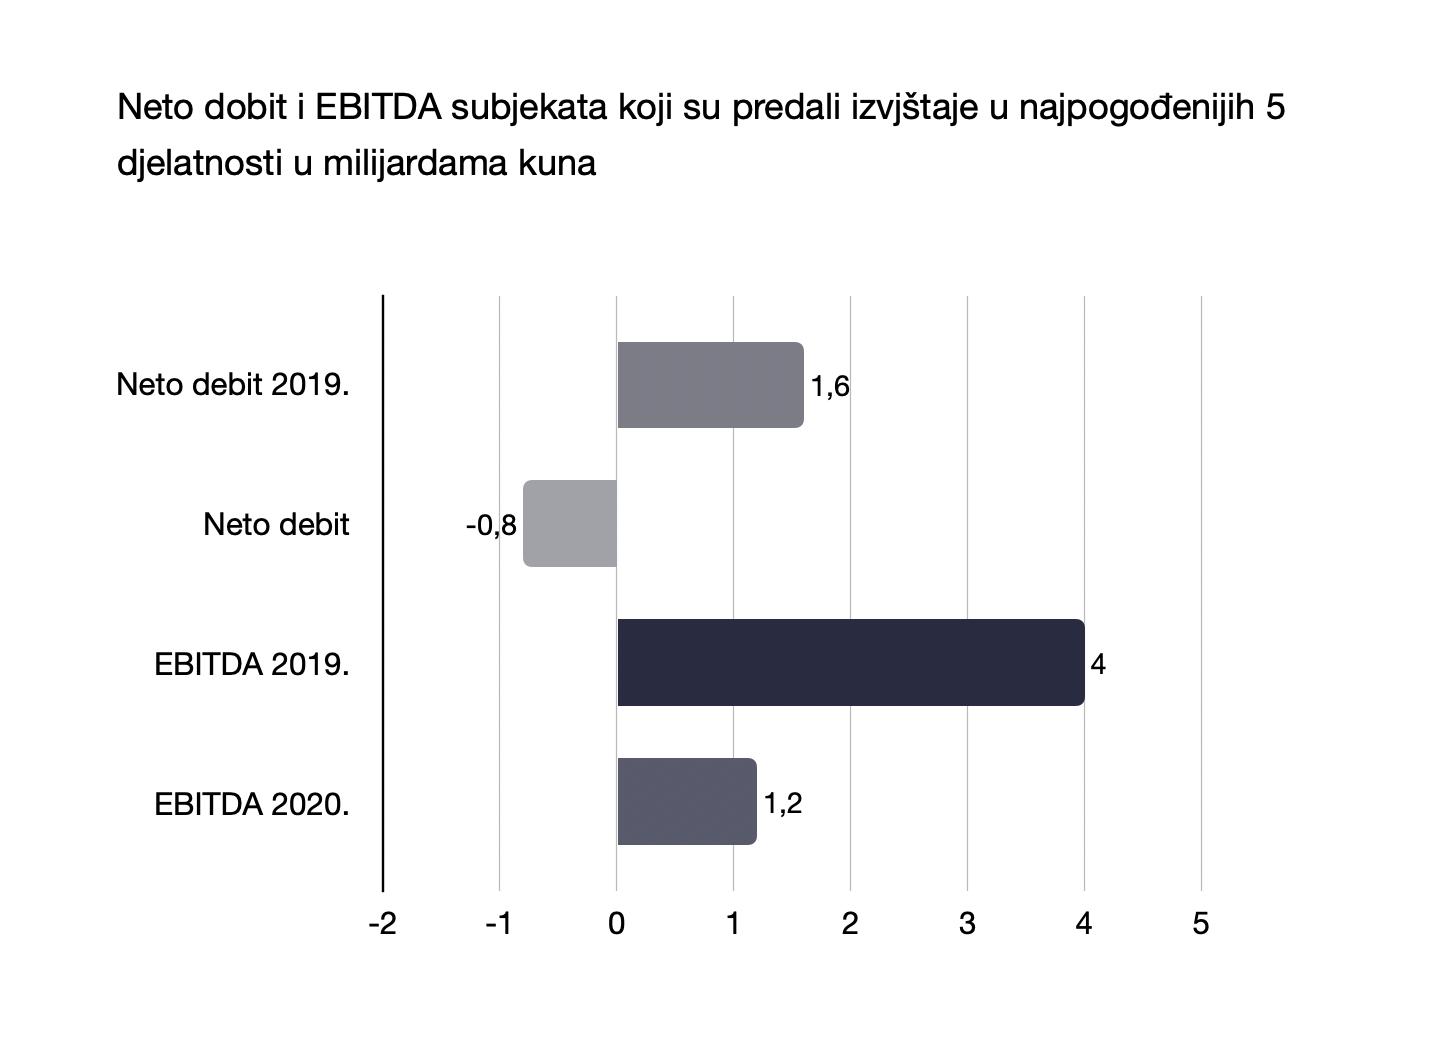 Neto dobit i EBITDA subjekata koji su predali izvjštaje u najpogođenijih 5 djelatnosti u milijardama kuna